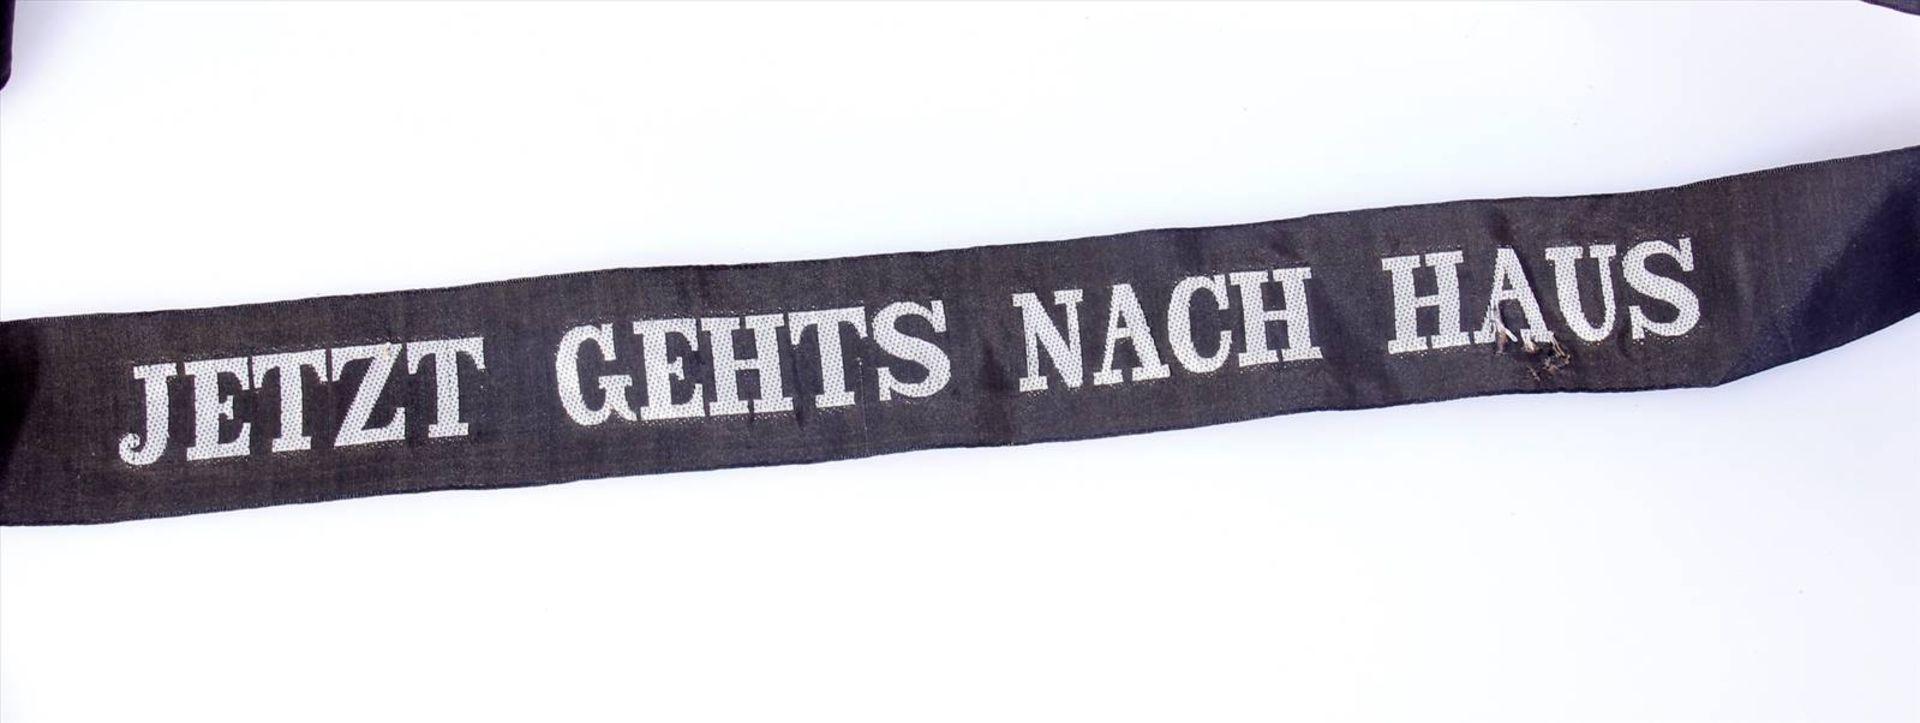 Reservisten Mützenbänder KaisserreichVerschiedene Mützenbänder und Reservebänder aus der - Bild 3 aus 7